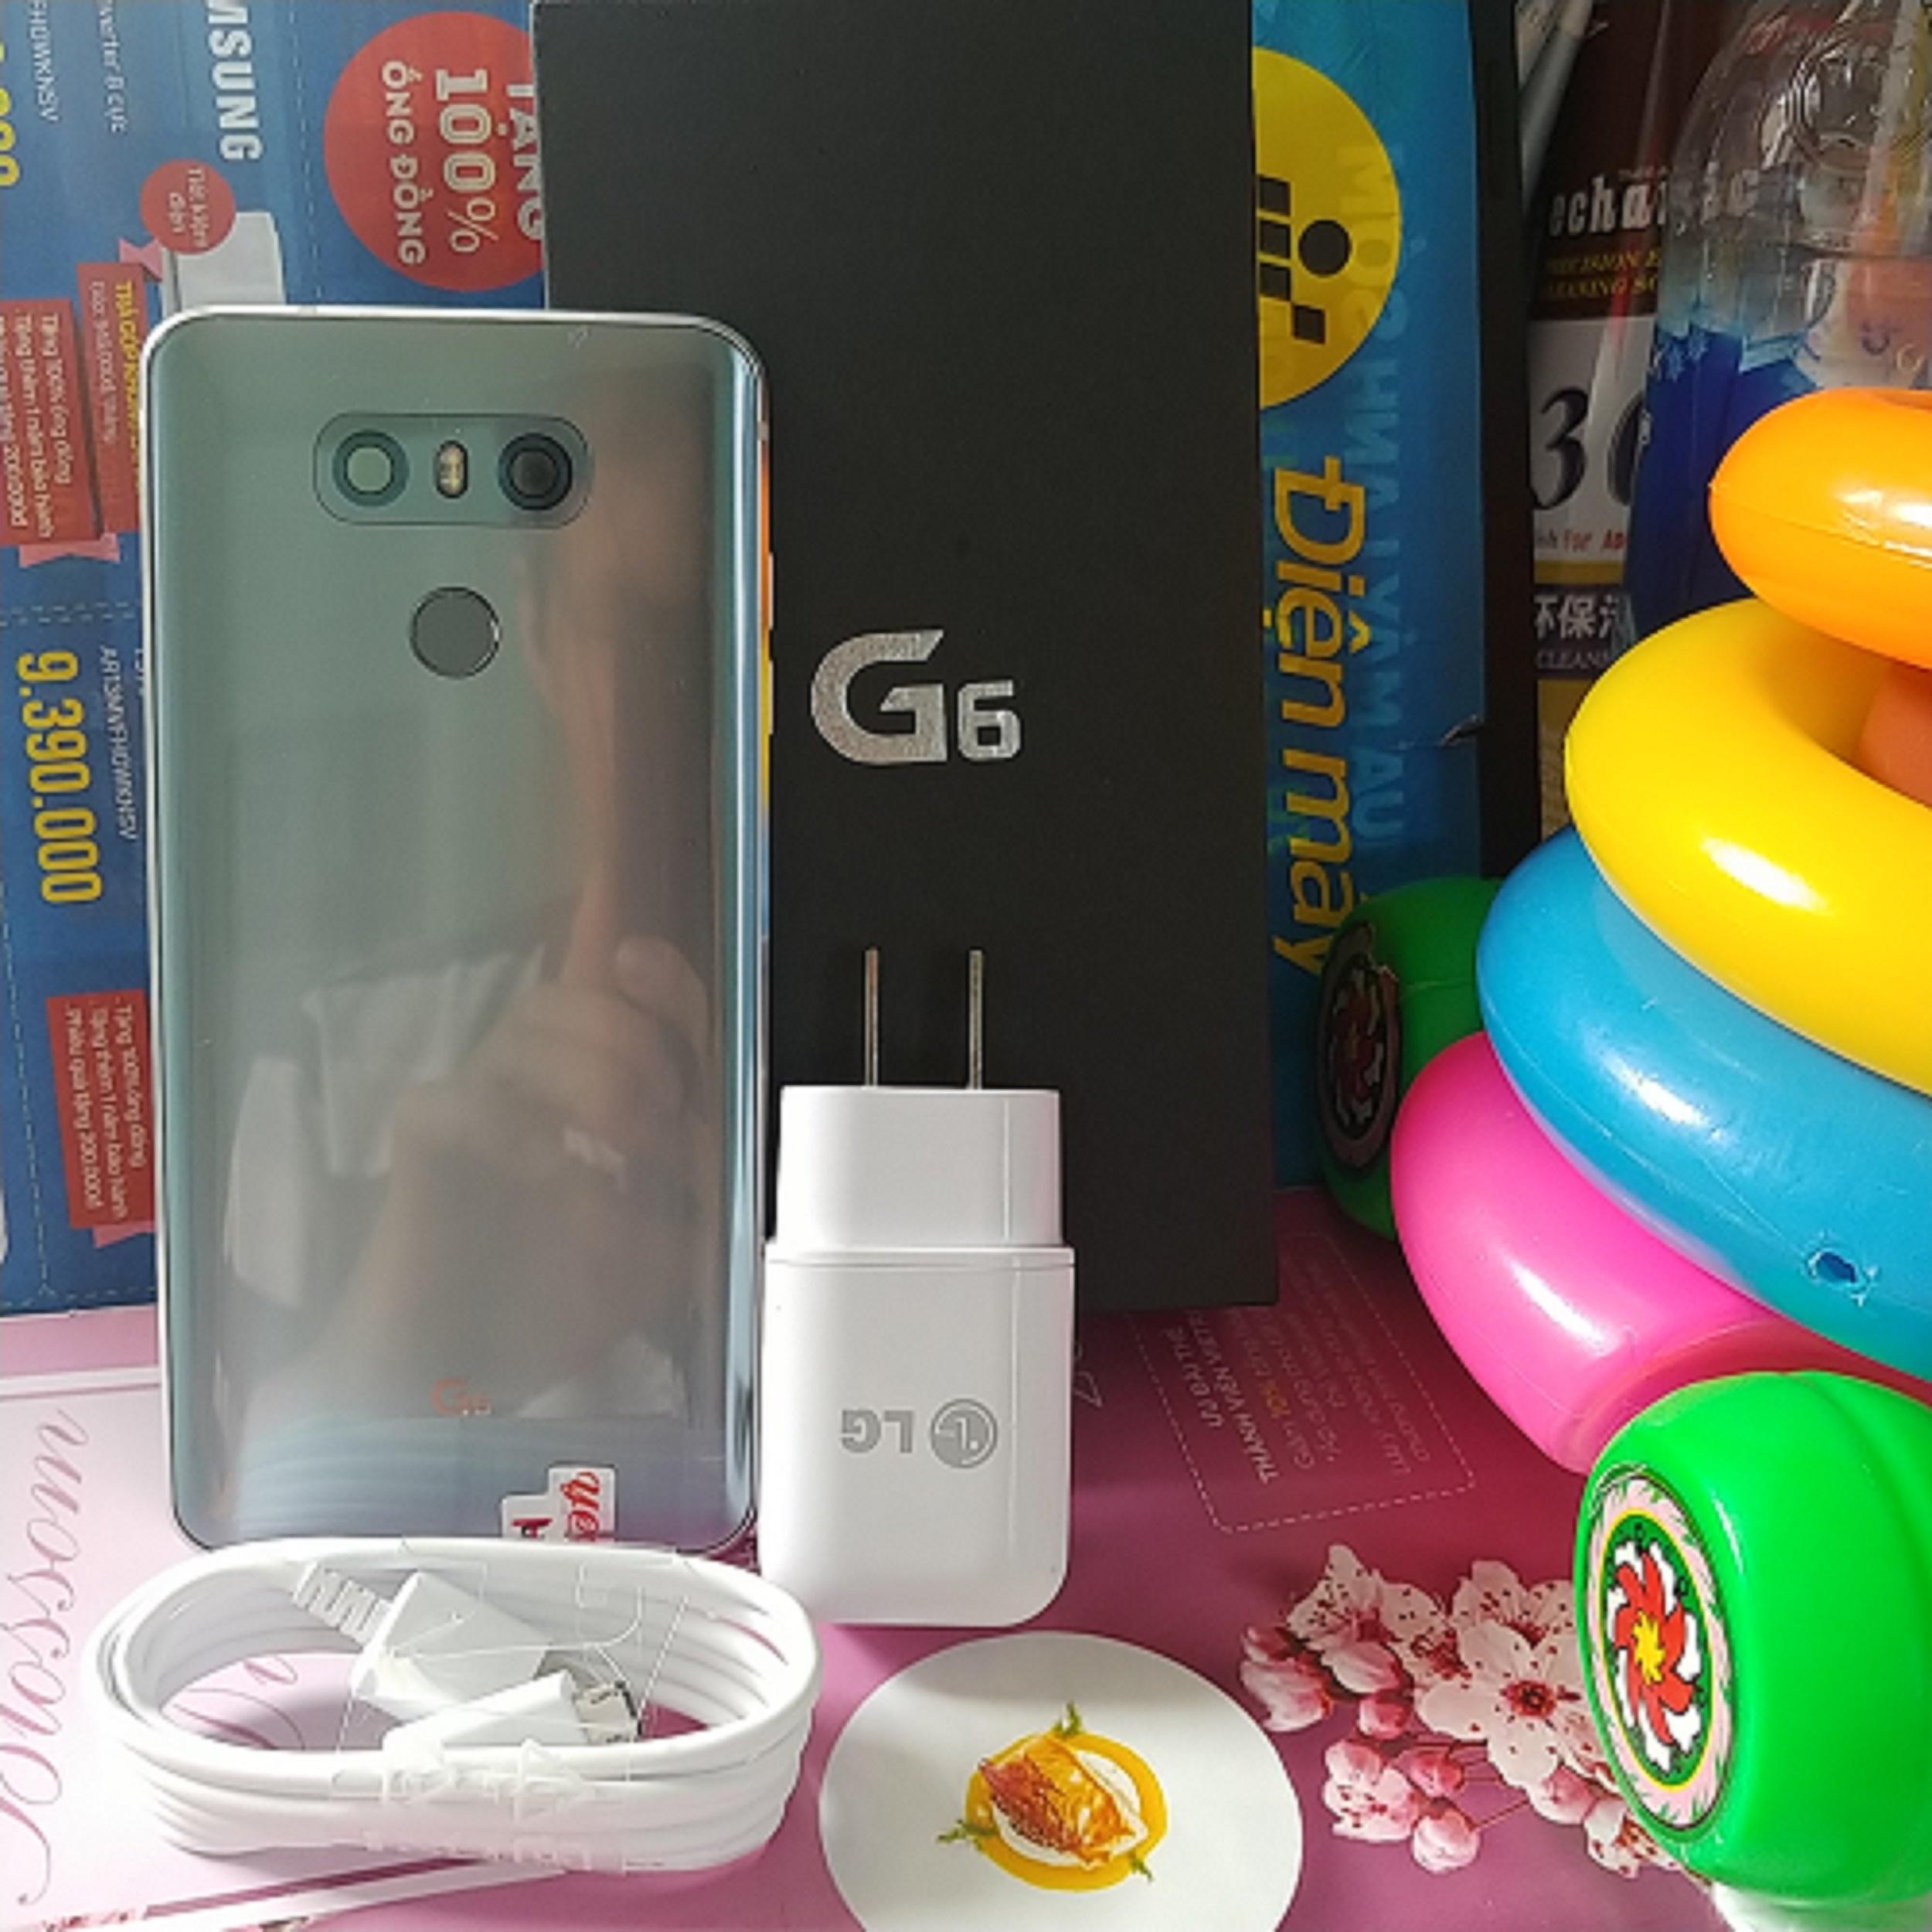 LG G6 RAM 4GB -ĐỦ MÀU SẮC -FULLBOX